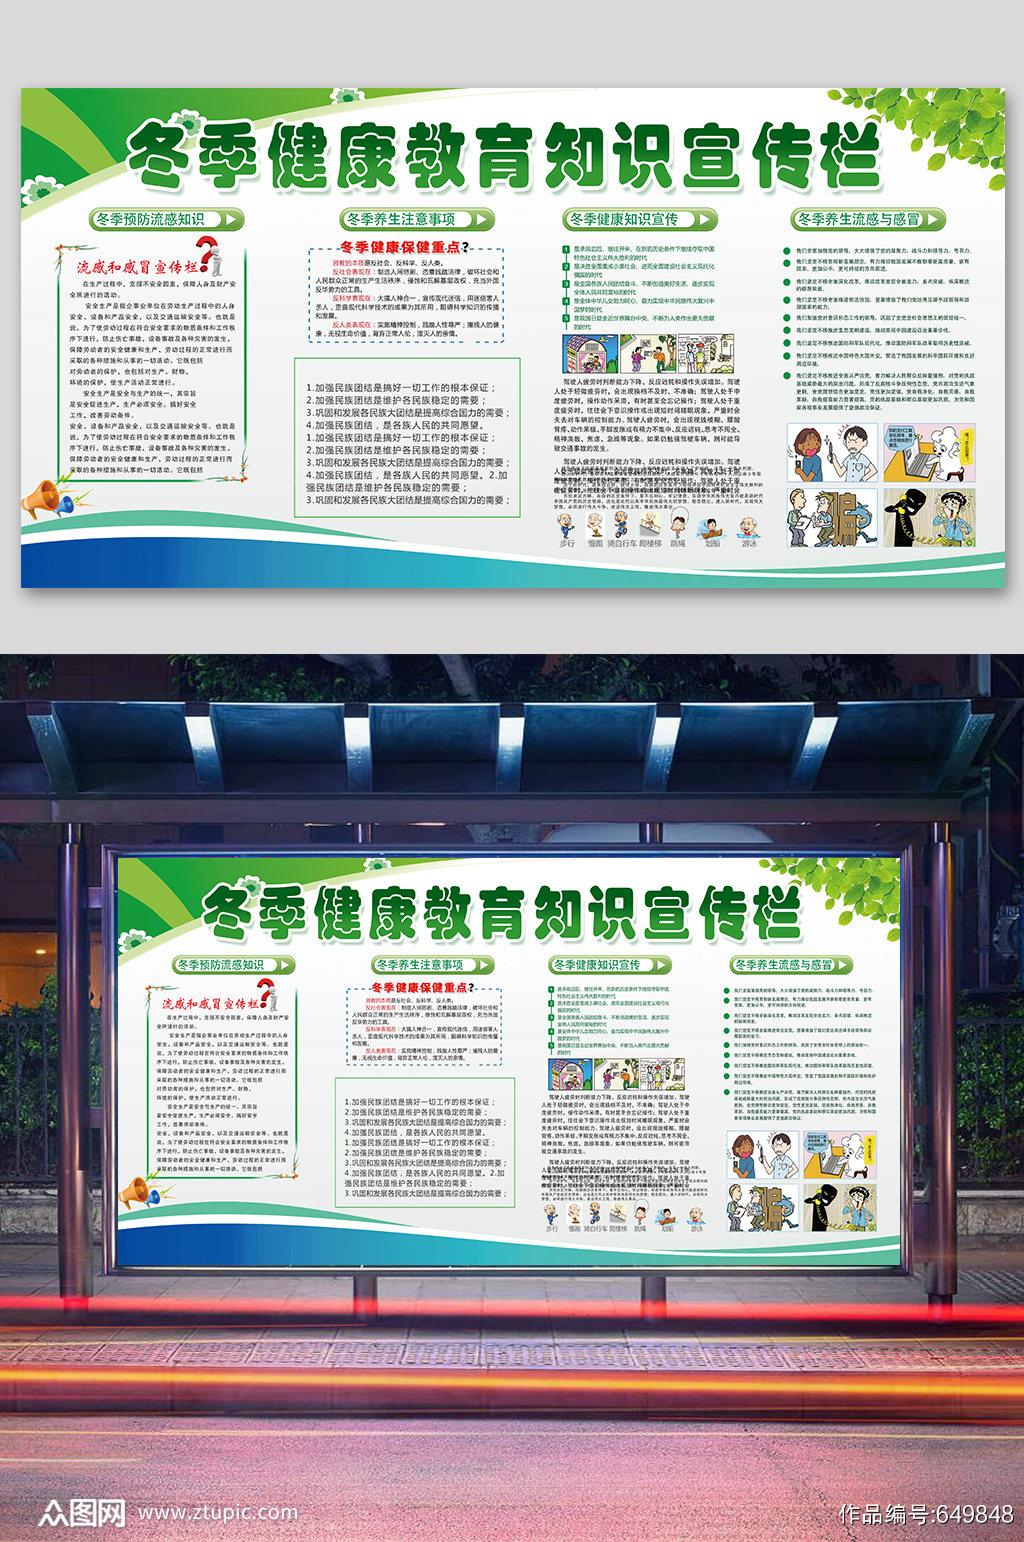 冬季健康教育知识宣传栏素材